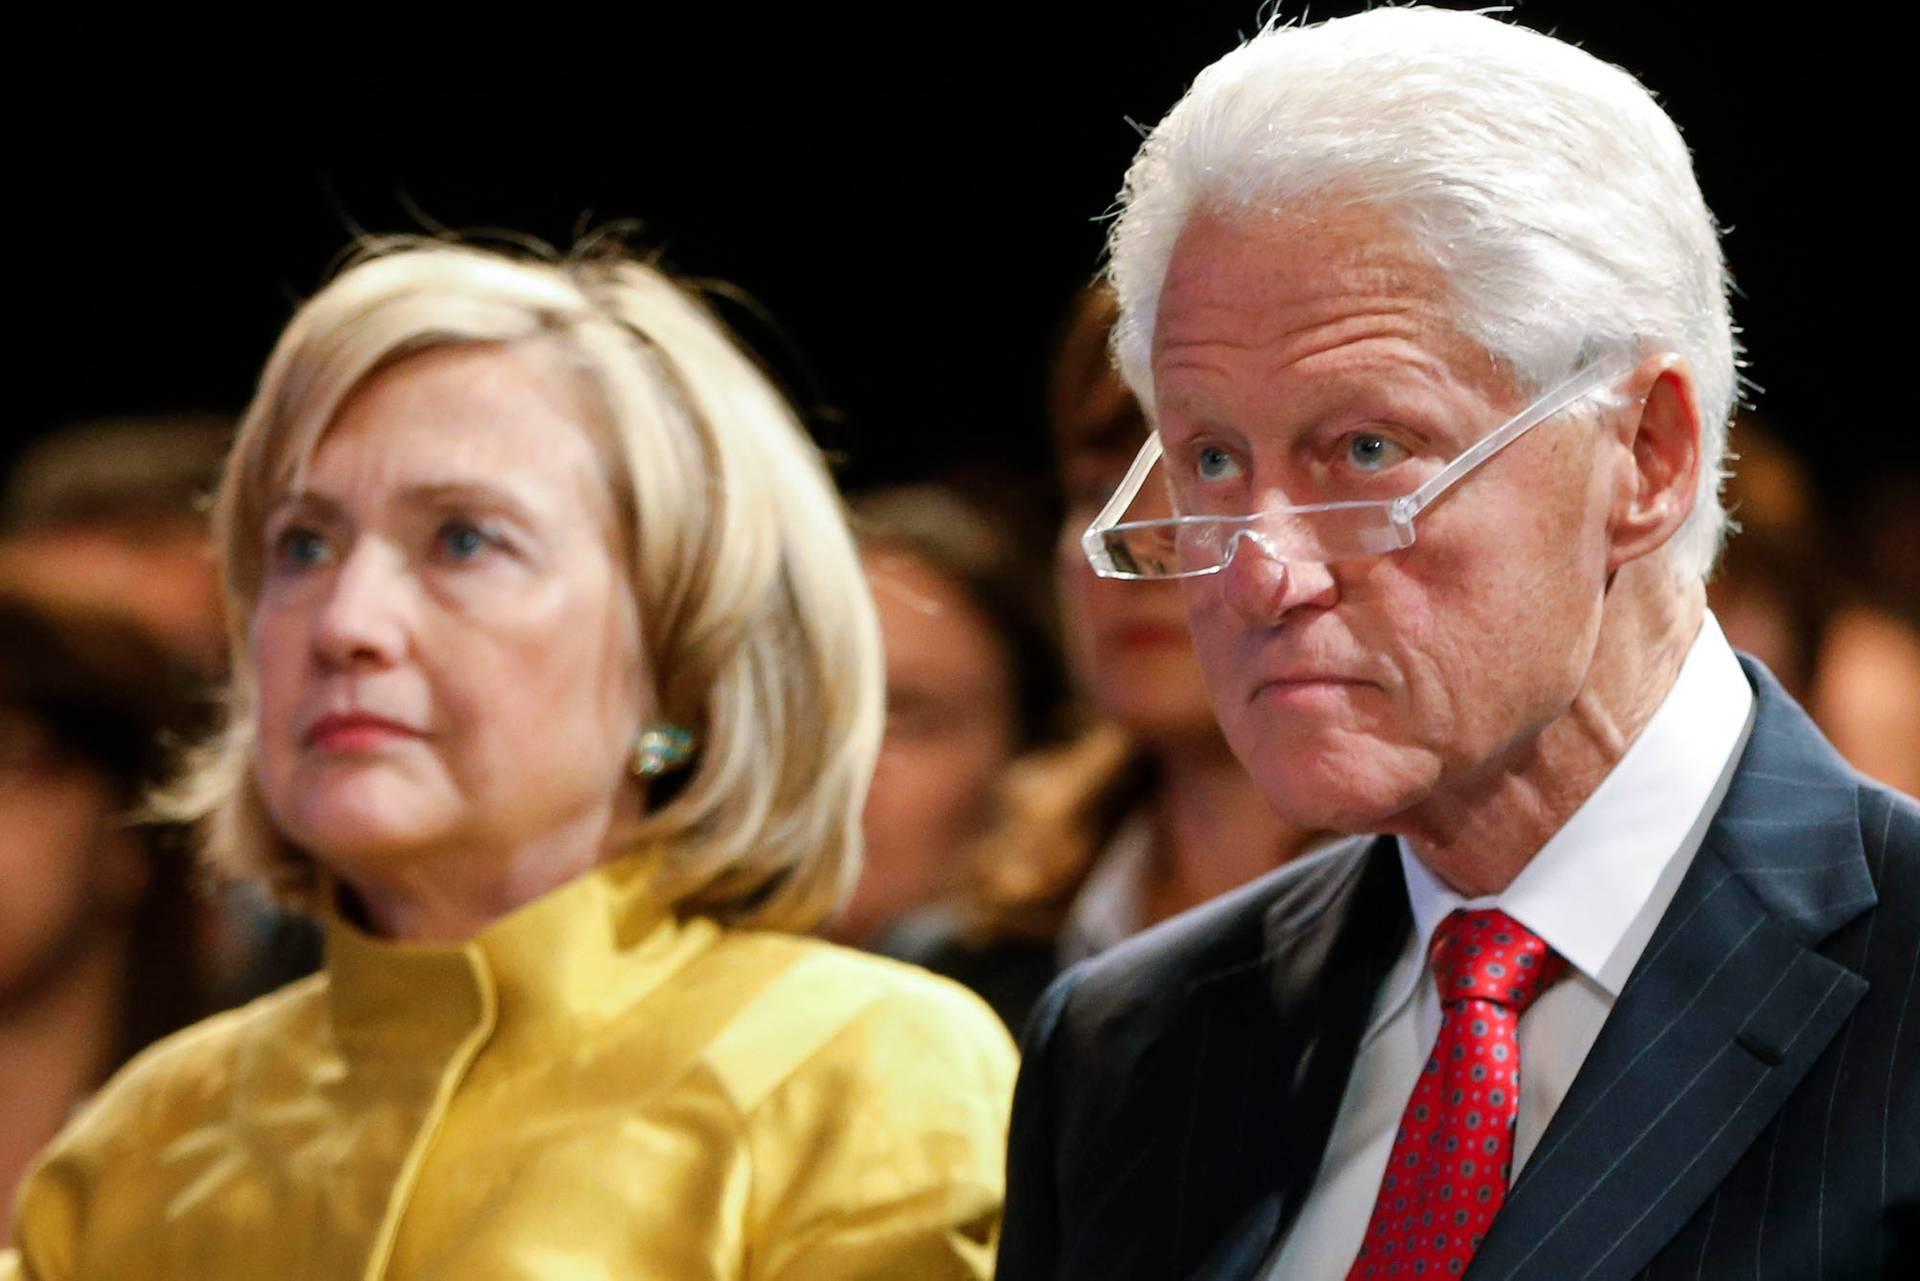 Колишній президент США Білл Клінтон (праворуч) із дружиною, колишньою держсекретаркою США та кандидаткою на посаду президента Гілларі Клінтон на фонду Клінтонів у Нью-Йорку, США, 24 вересня 2014 року